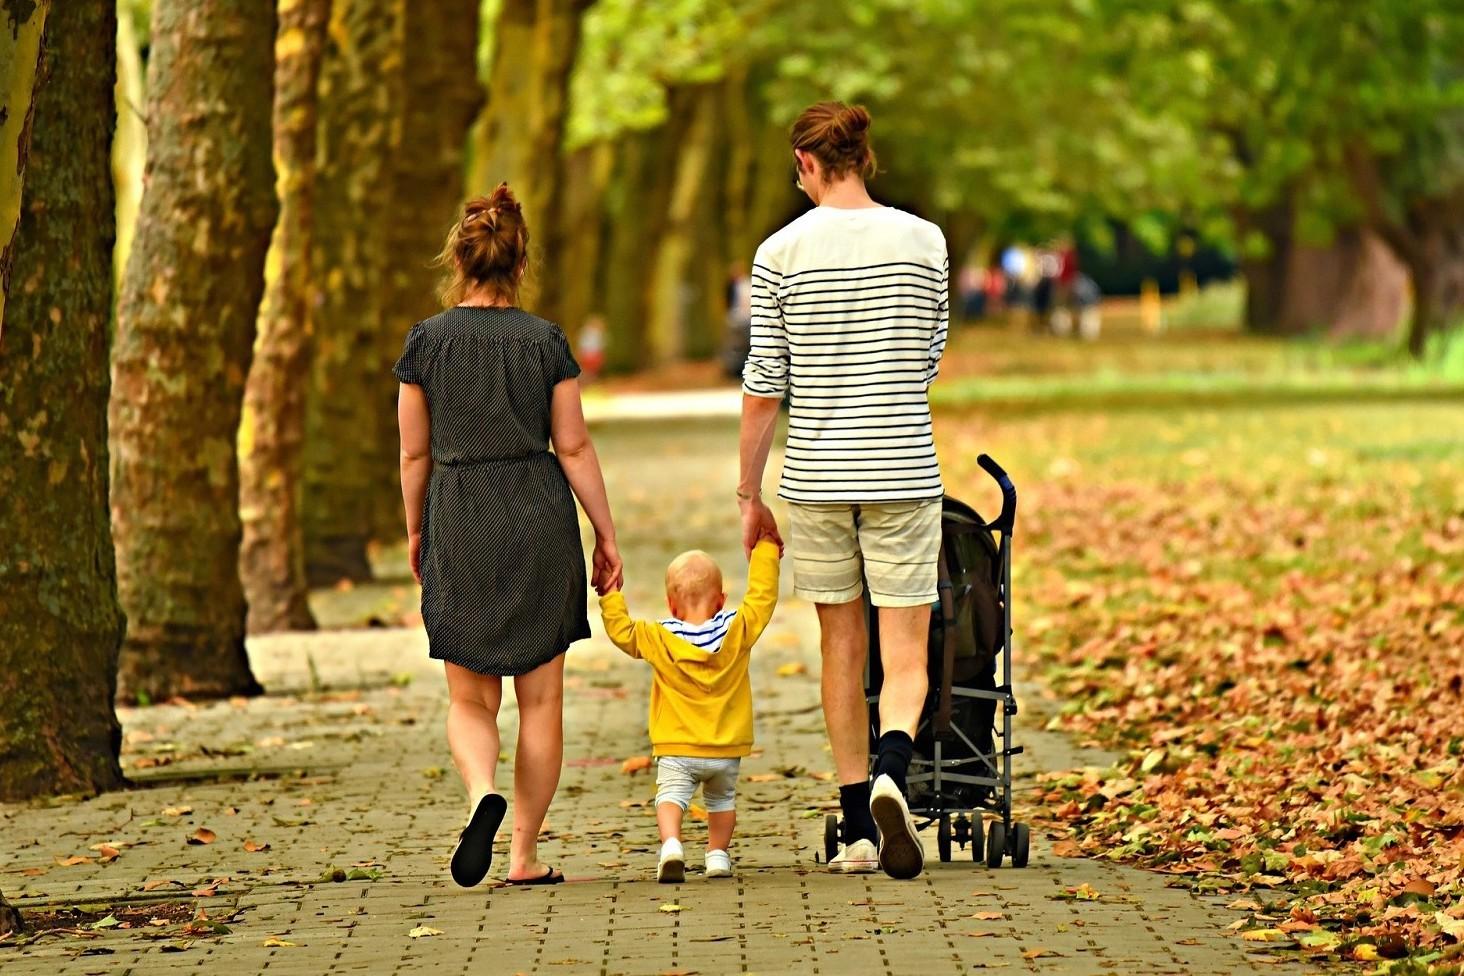 Modulo prefatto da scaricare per rinuncia agli assegni familiari in favore marito o moglie 2020